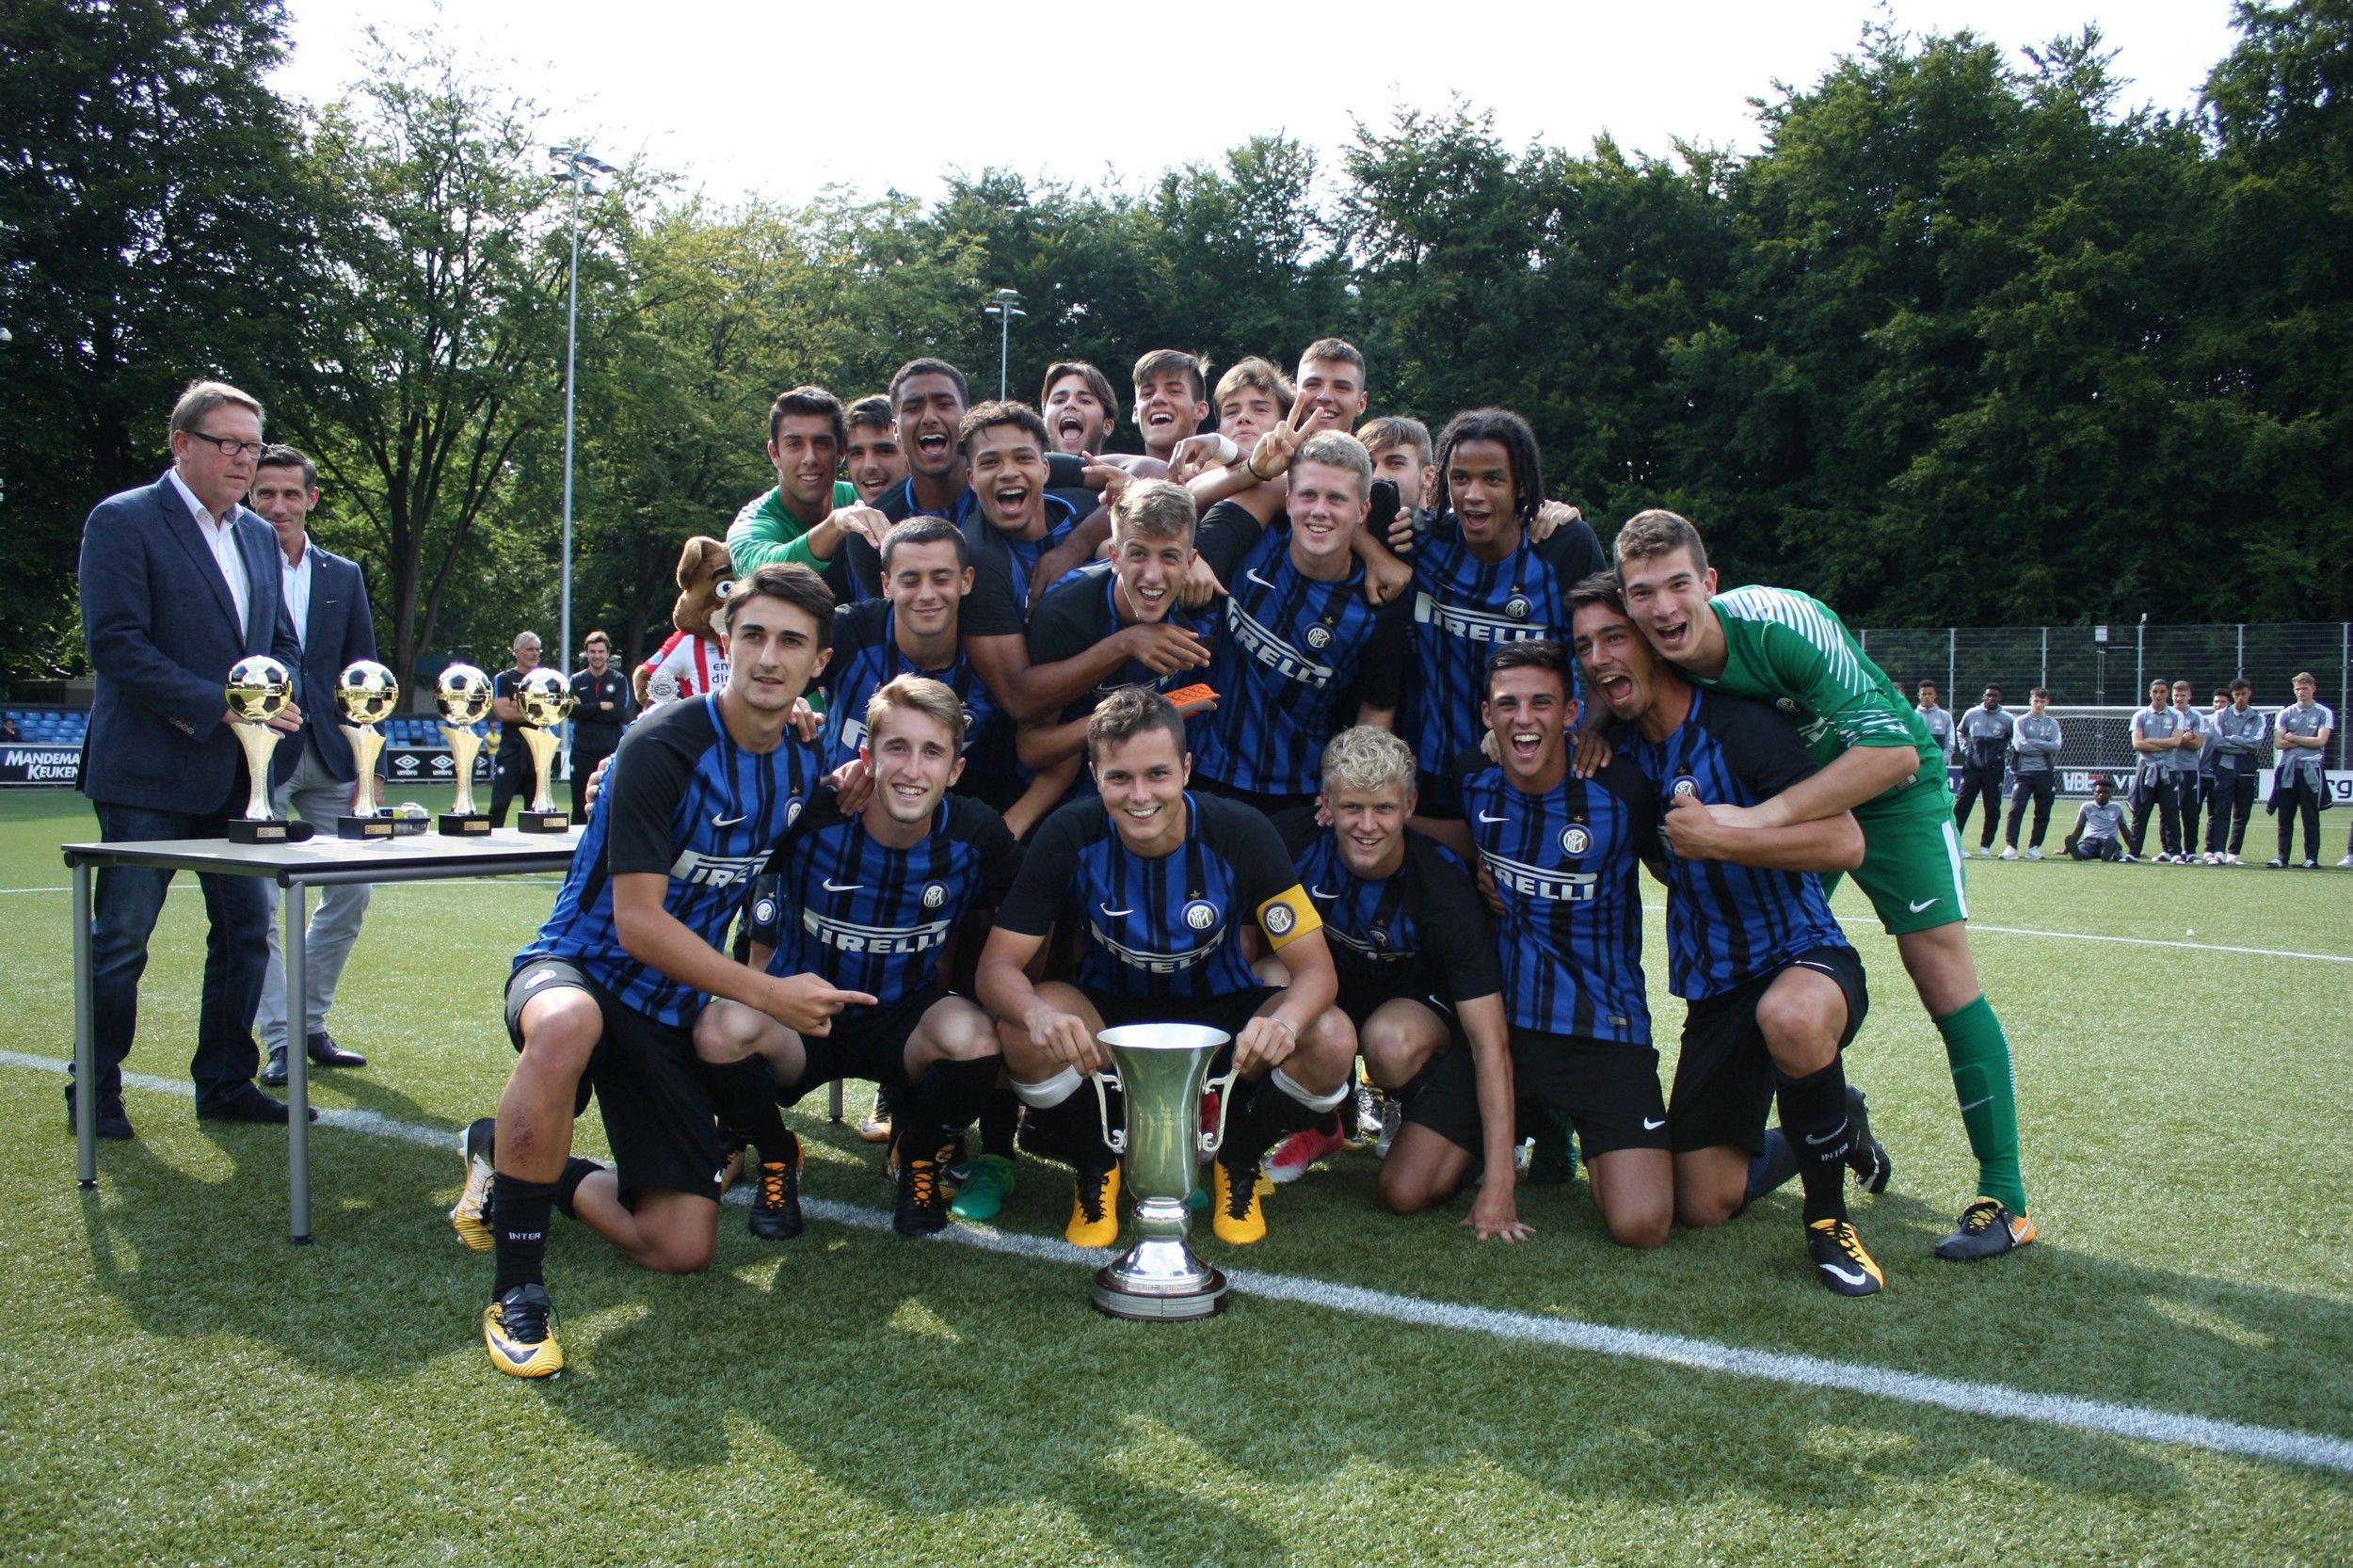 Vecchi's Inter win the Otten Cup 2017